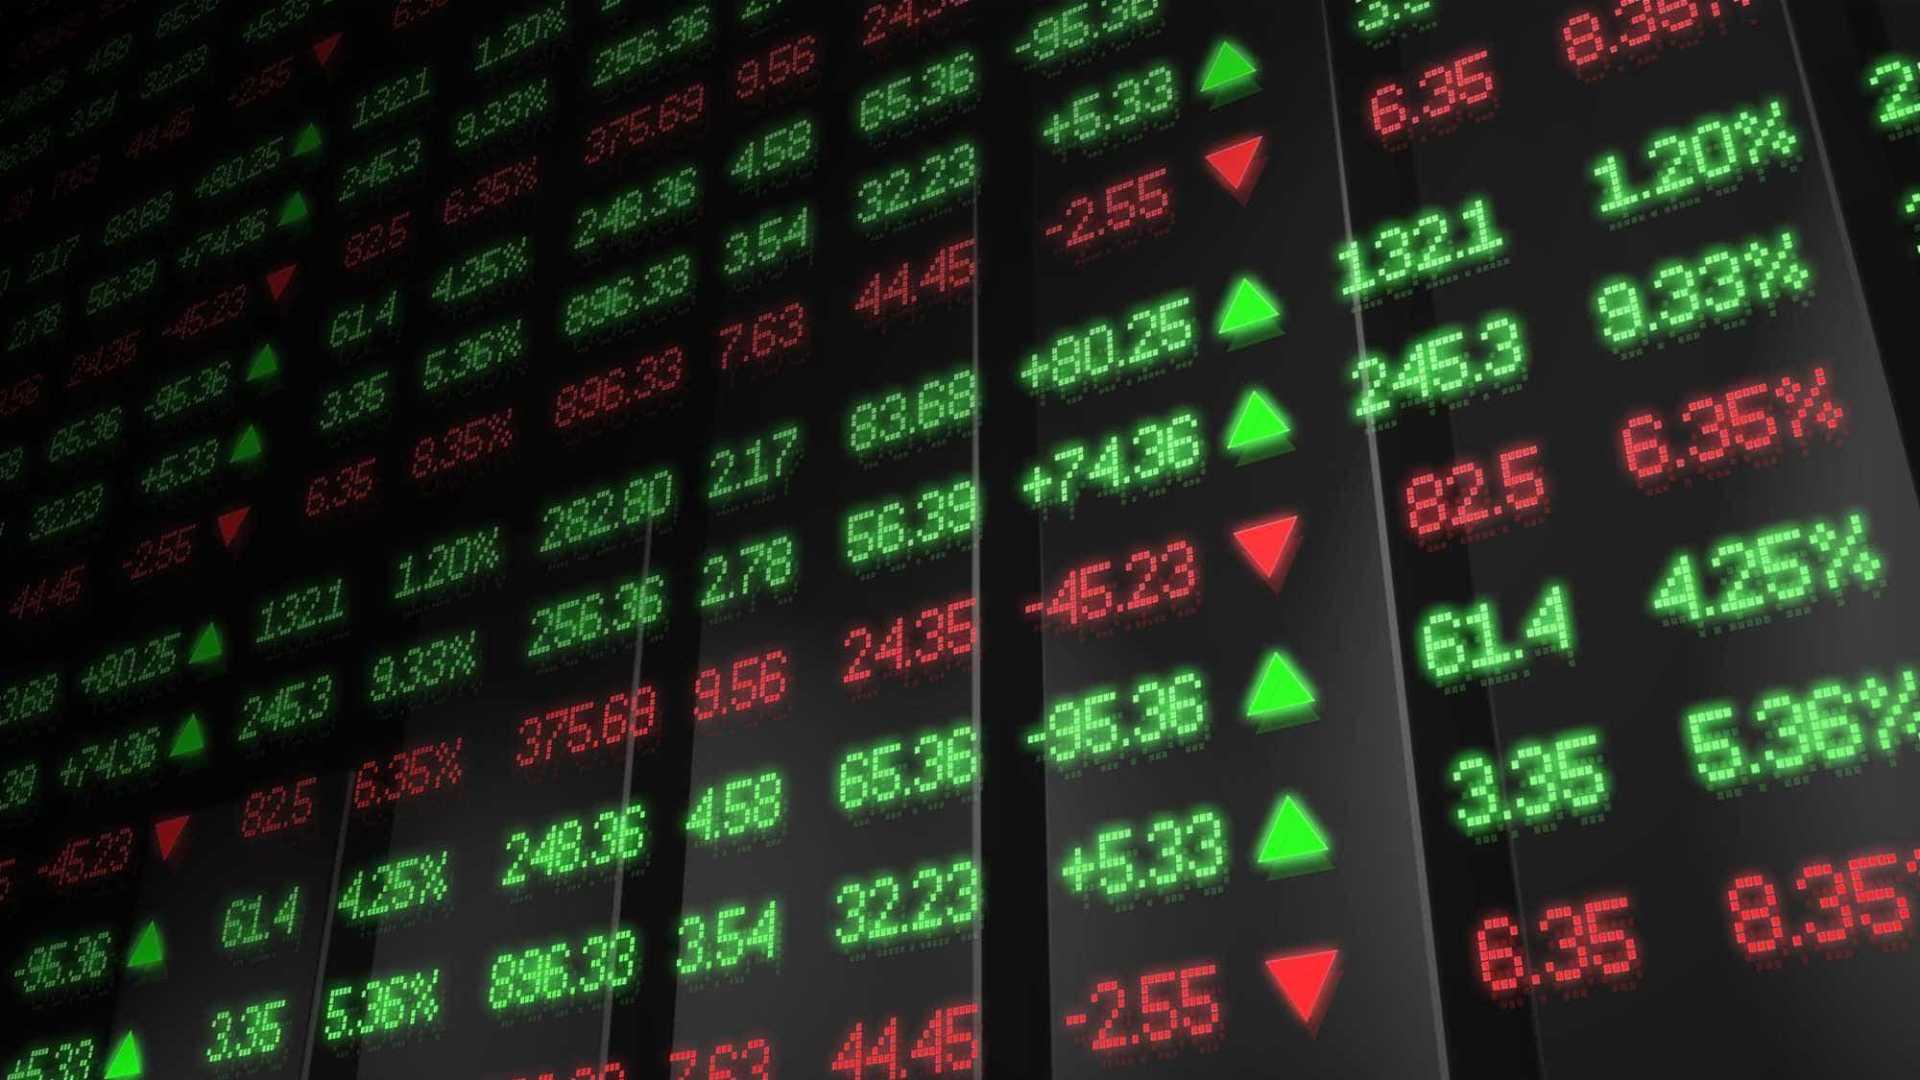 - Bolsa Toquio - Bolsa de Tóquio perde 2,84% no fecho